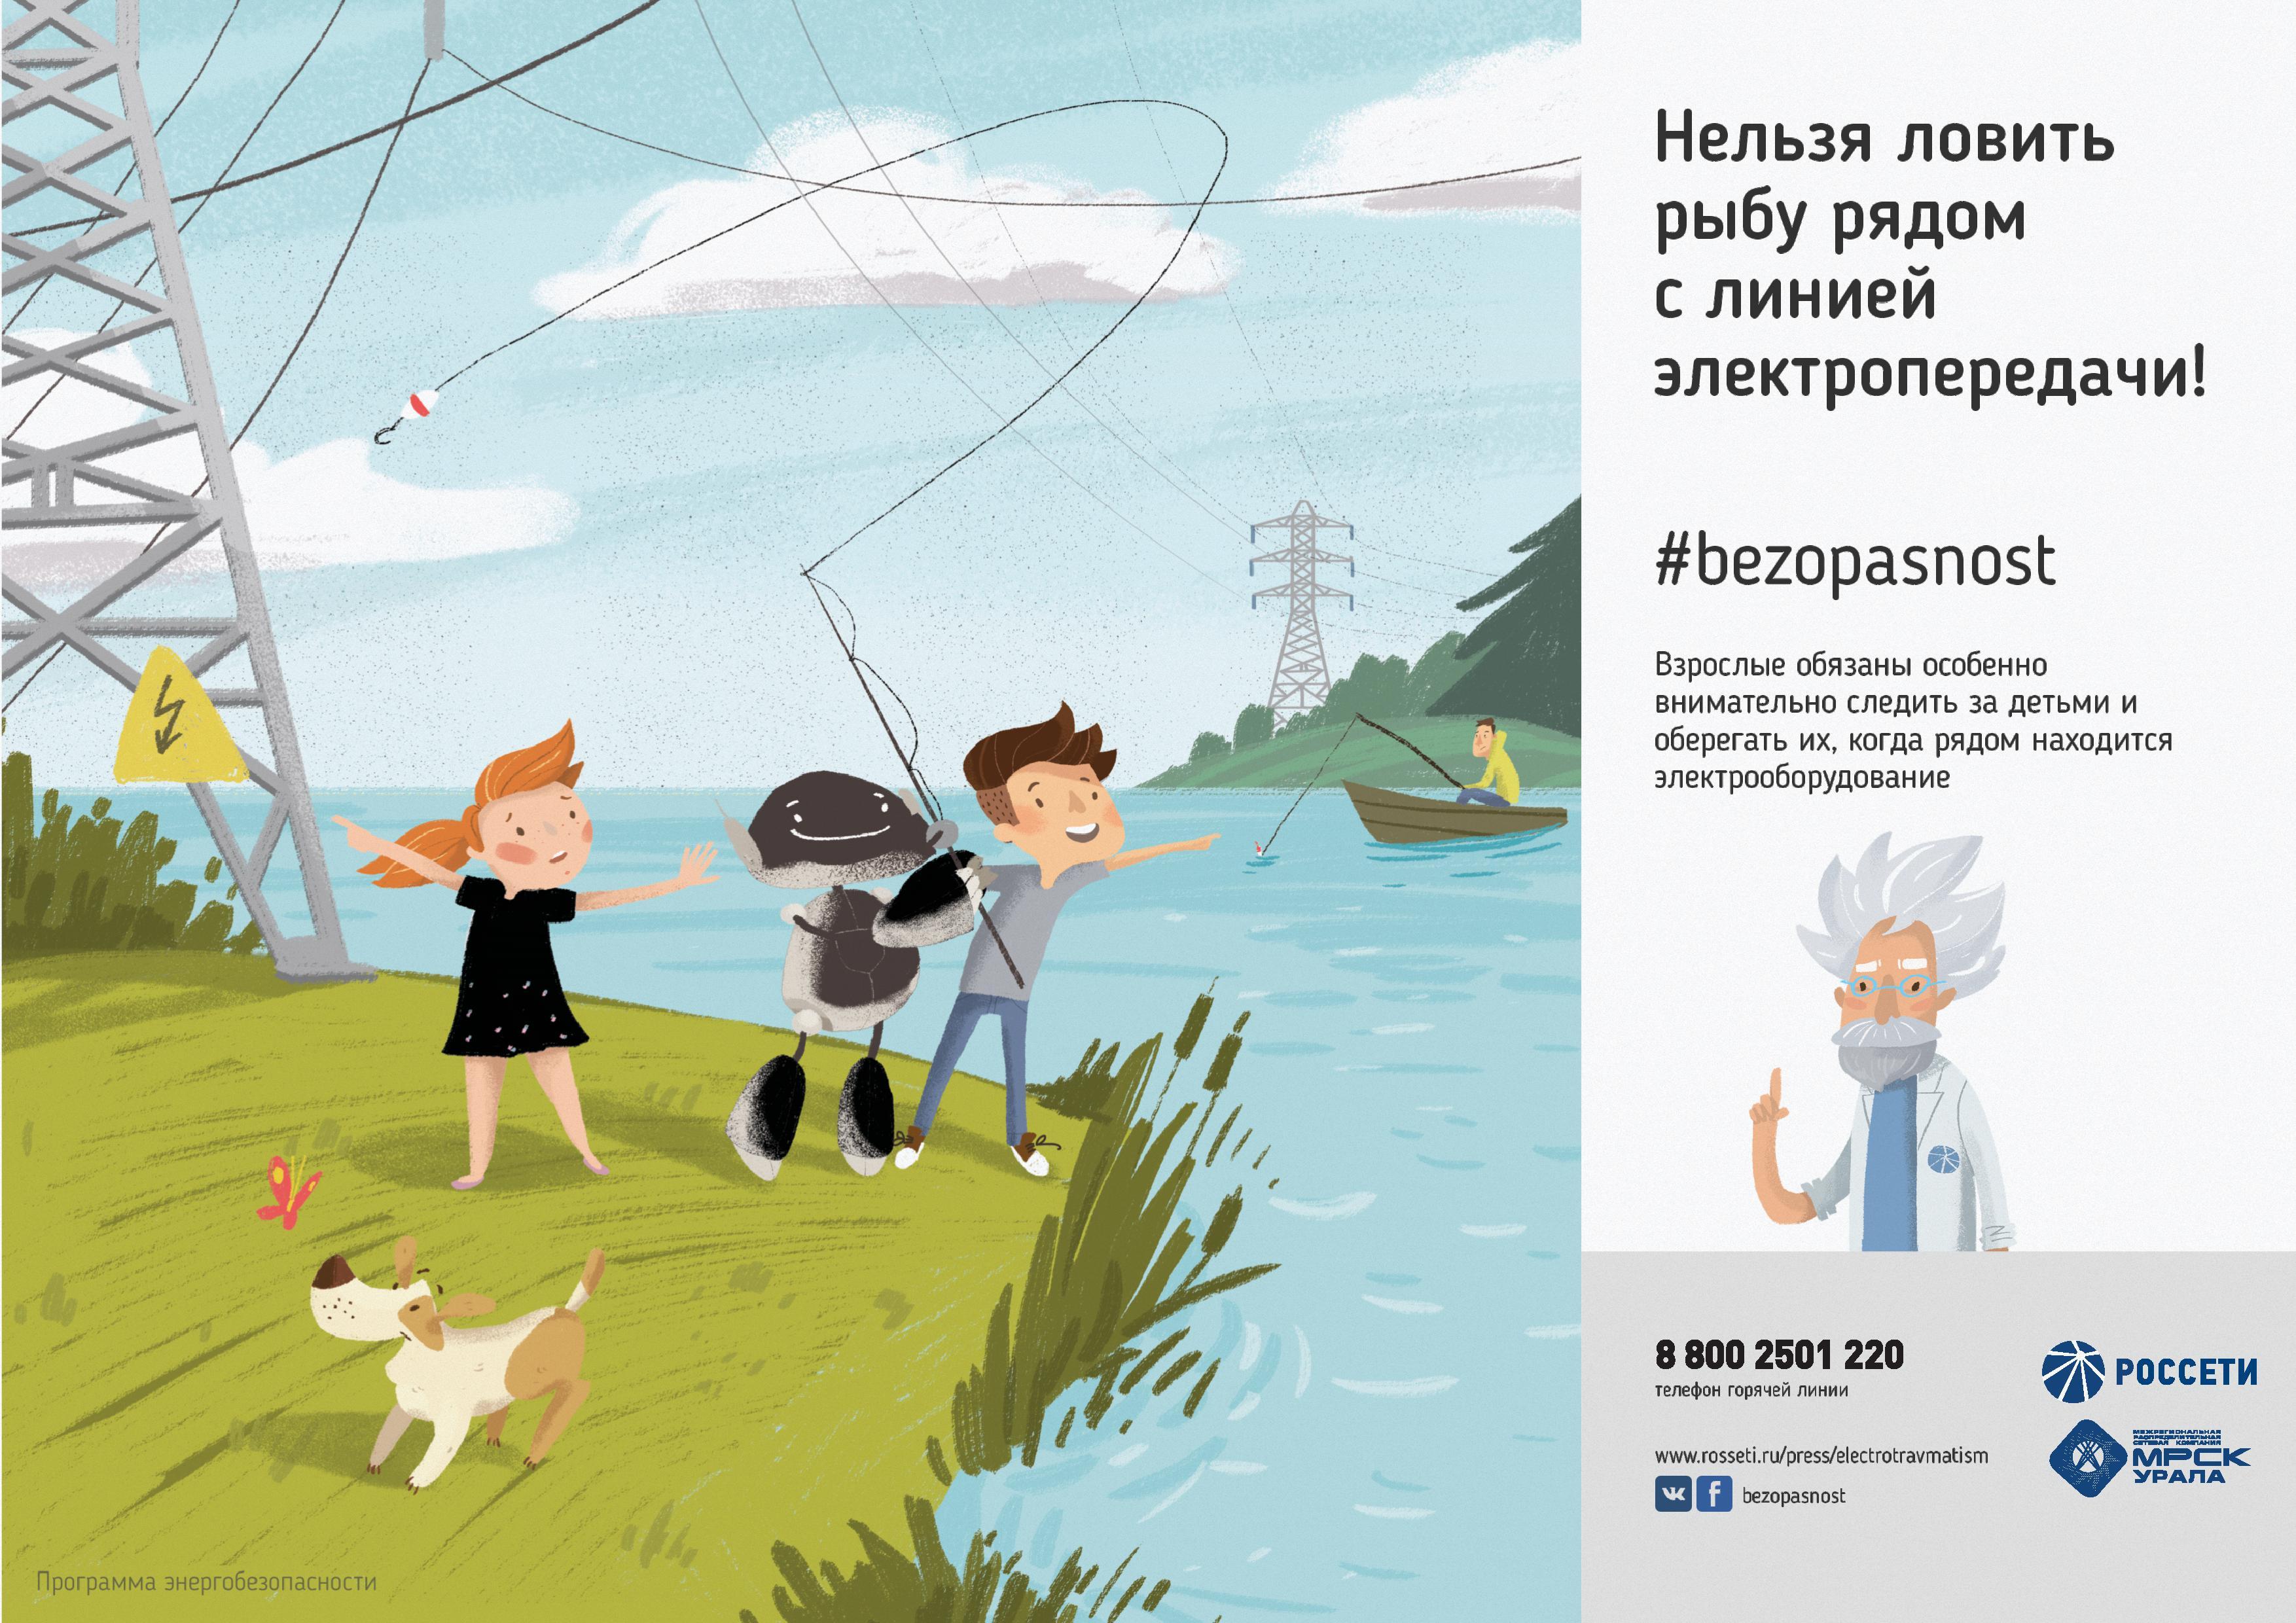 Какая рыбалка считается незаконной в РФ, и где нельзя ловить рыбу?